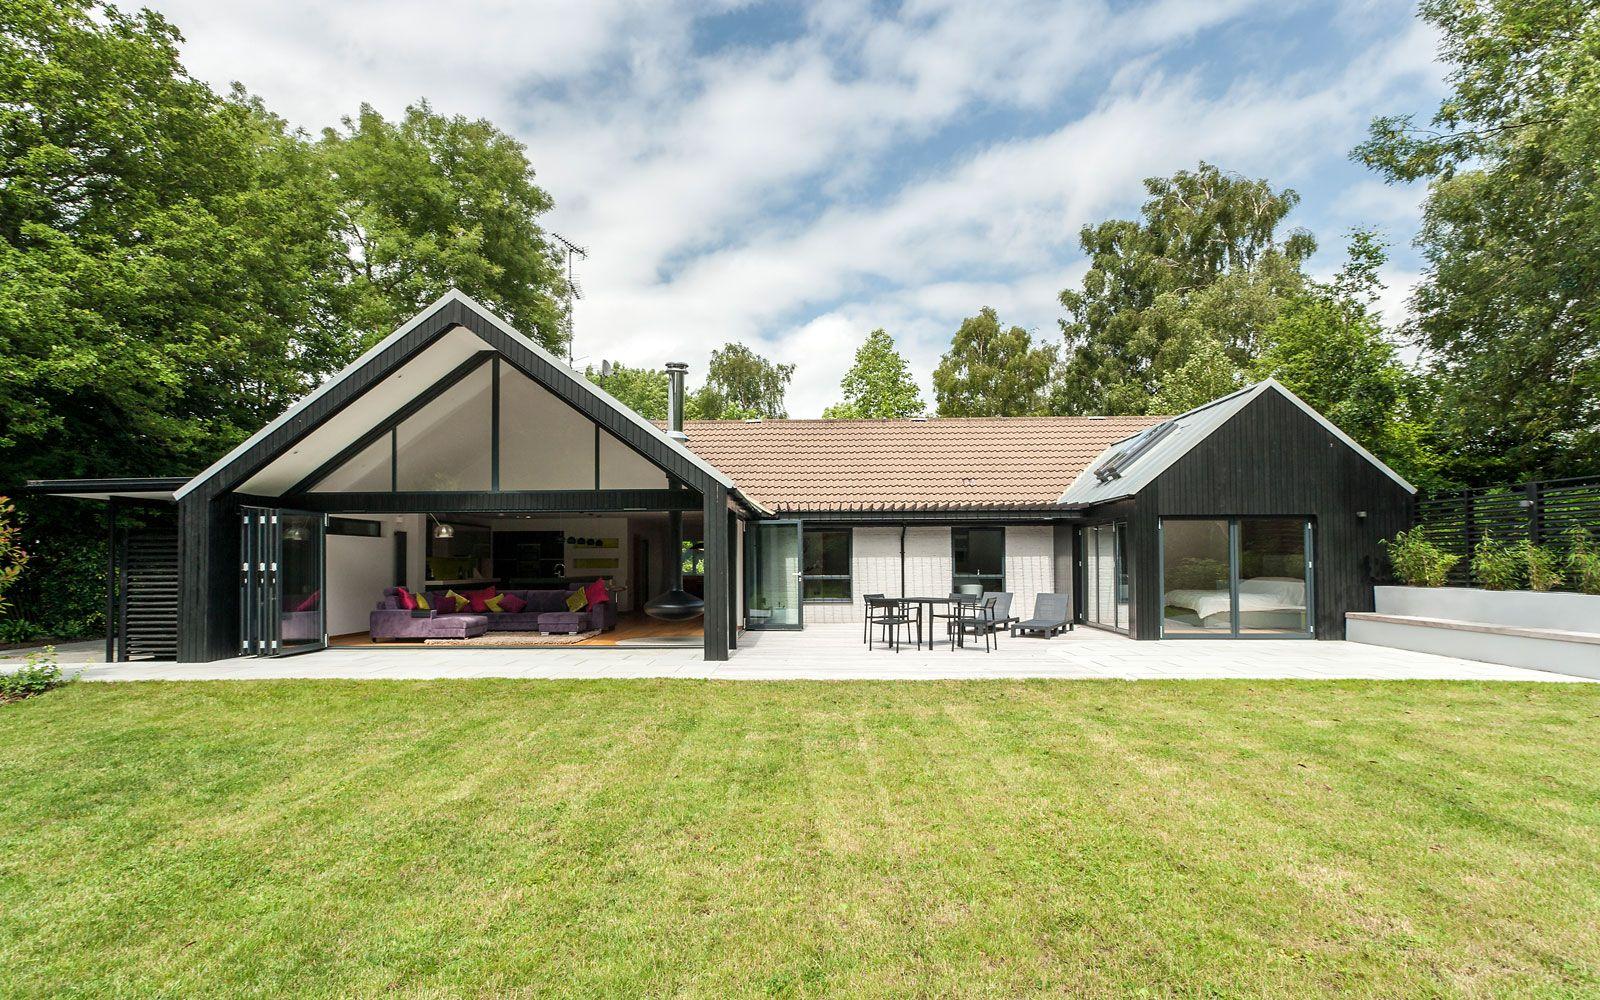 Bildergebnis für contemporary bungalow design | Épület | Pinterest ...